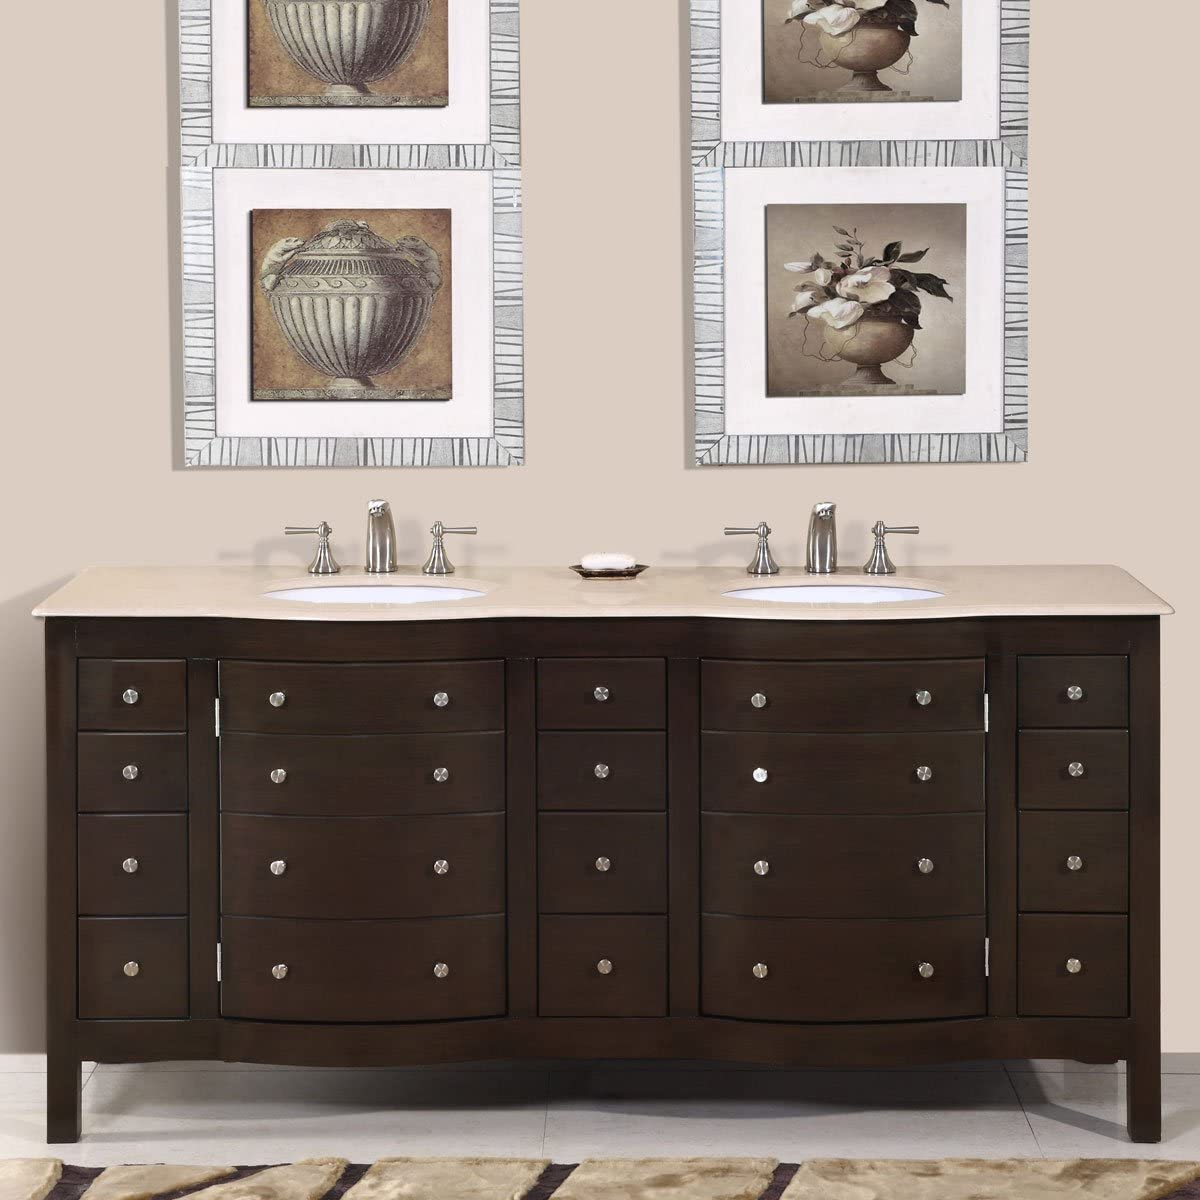 Silkroad Exclusive Cream Marfil Marble Stone Double Sink Bathroom Vanity